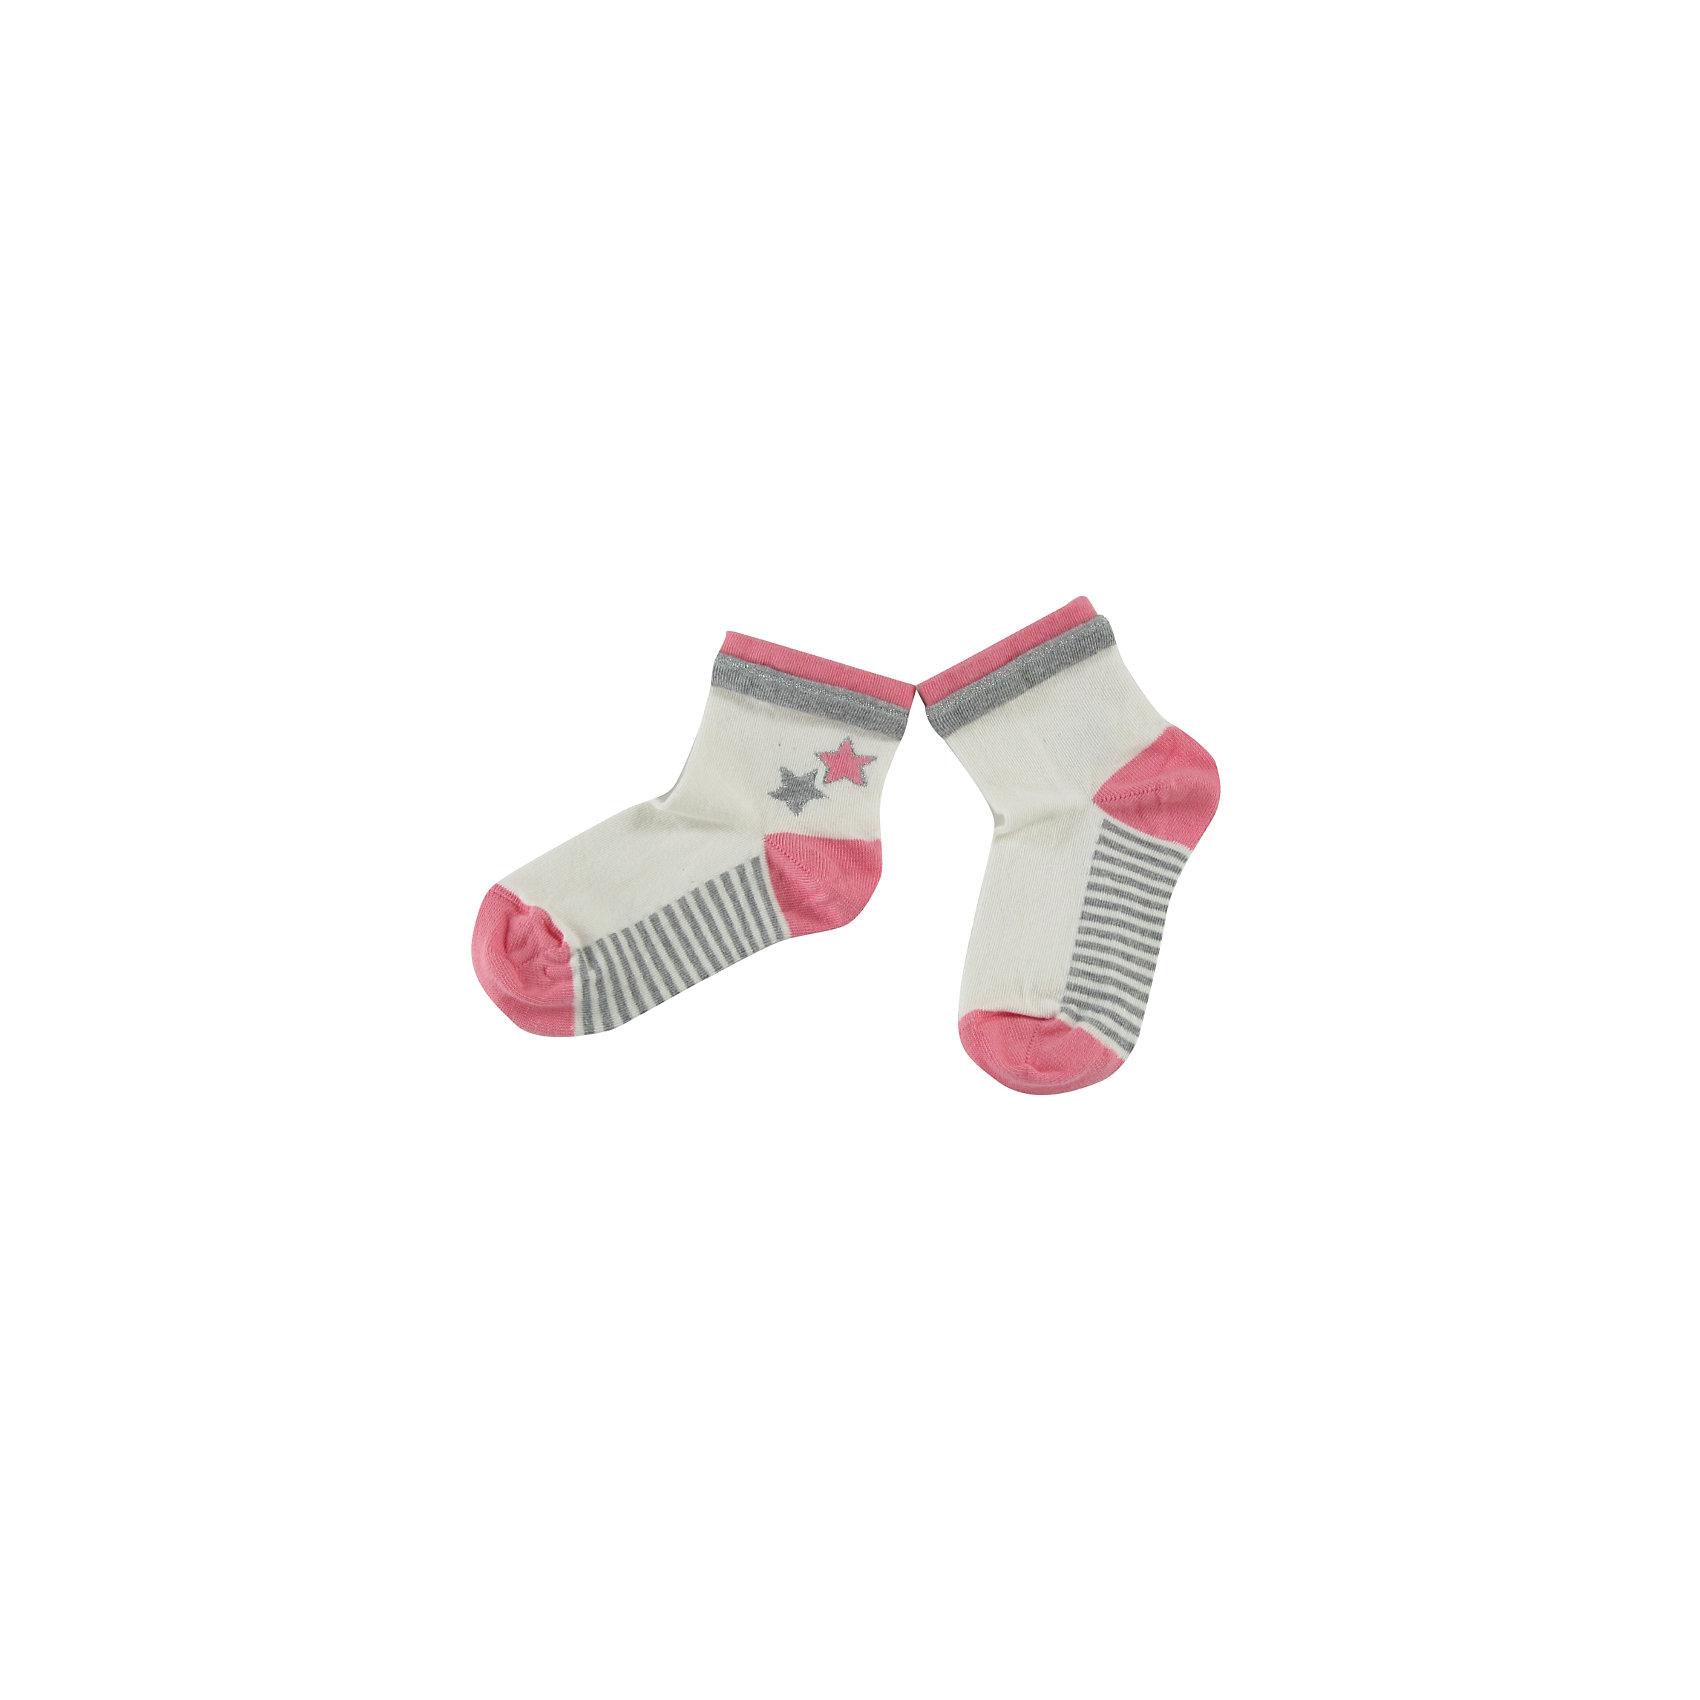 Носки для девочки WojcikНоски<br>Характеристики товара:<br><br>• цвет: белый<br>• состав ткани: хлопок 92%, полиамид 6%, эластан 2%<br>• сезон: круглый год<br>• страна бренда: Польша<br>• страна изготовитель: Польша<br><br>Удобные детские носки не давят на ногу благодаря мягкой резинке. Польская одежда для детей от бренда Войчик - это качественные и стильные вещи.<br><br>Разноцветные носки для девочки Wojcik сделаны преимущественно из натурального хлопка. Он позволяет коже дышать и обеспечивает комфорт. <br><br>Носки для девочки Wojcik (Войчик) можно купить в нашем интернет-магазине.<br><br>Ширина мм: 87<br>Глубина мм: 10<br>Высота мм: 105<br>Вес г: 115<br>Цвет: кремовый<br>Возраст от месяцев: 3<br>Возраст до месяцев: 6<br>Пол: Женский<br>Возраст: Детский<br>Размер: 17/18,21/22,19/20<br>SKU: 5588642